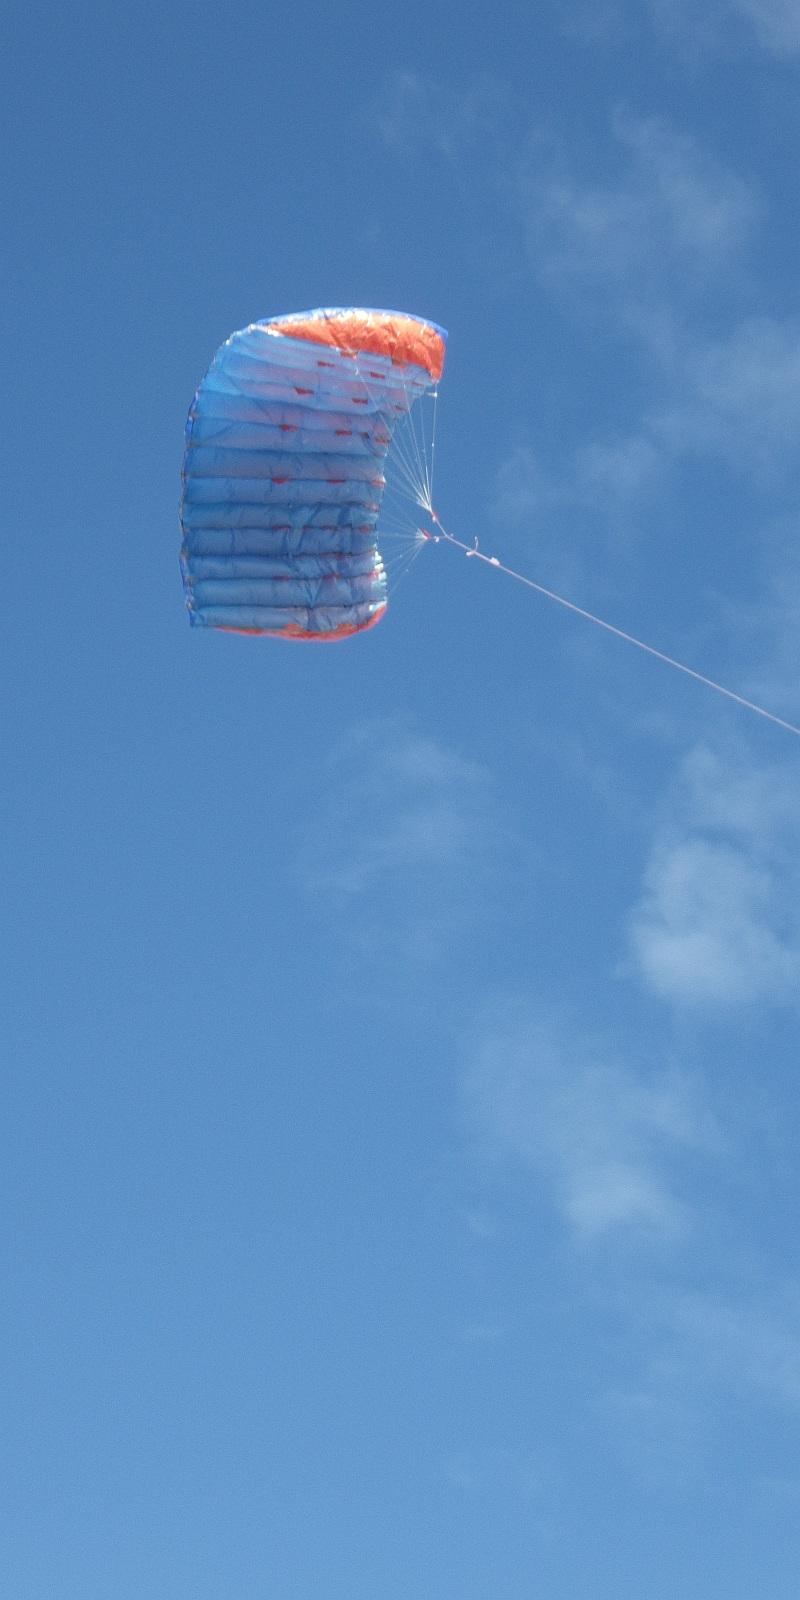 MBK Parachute kite 1 - 1.